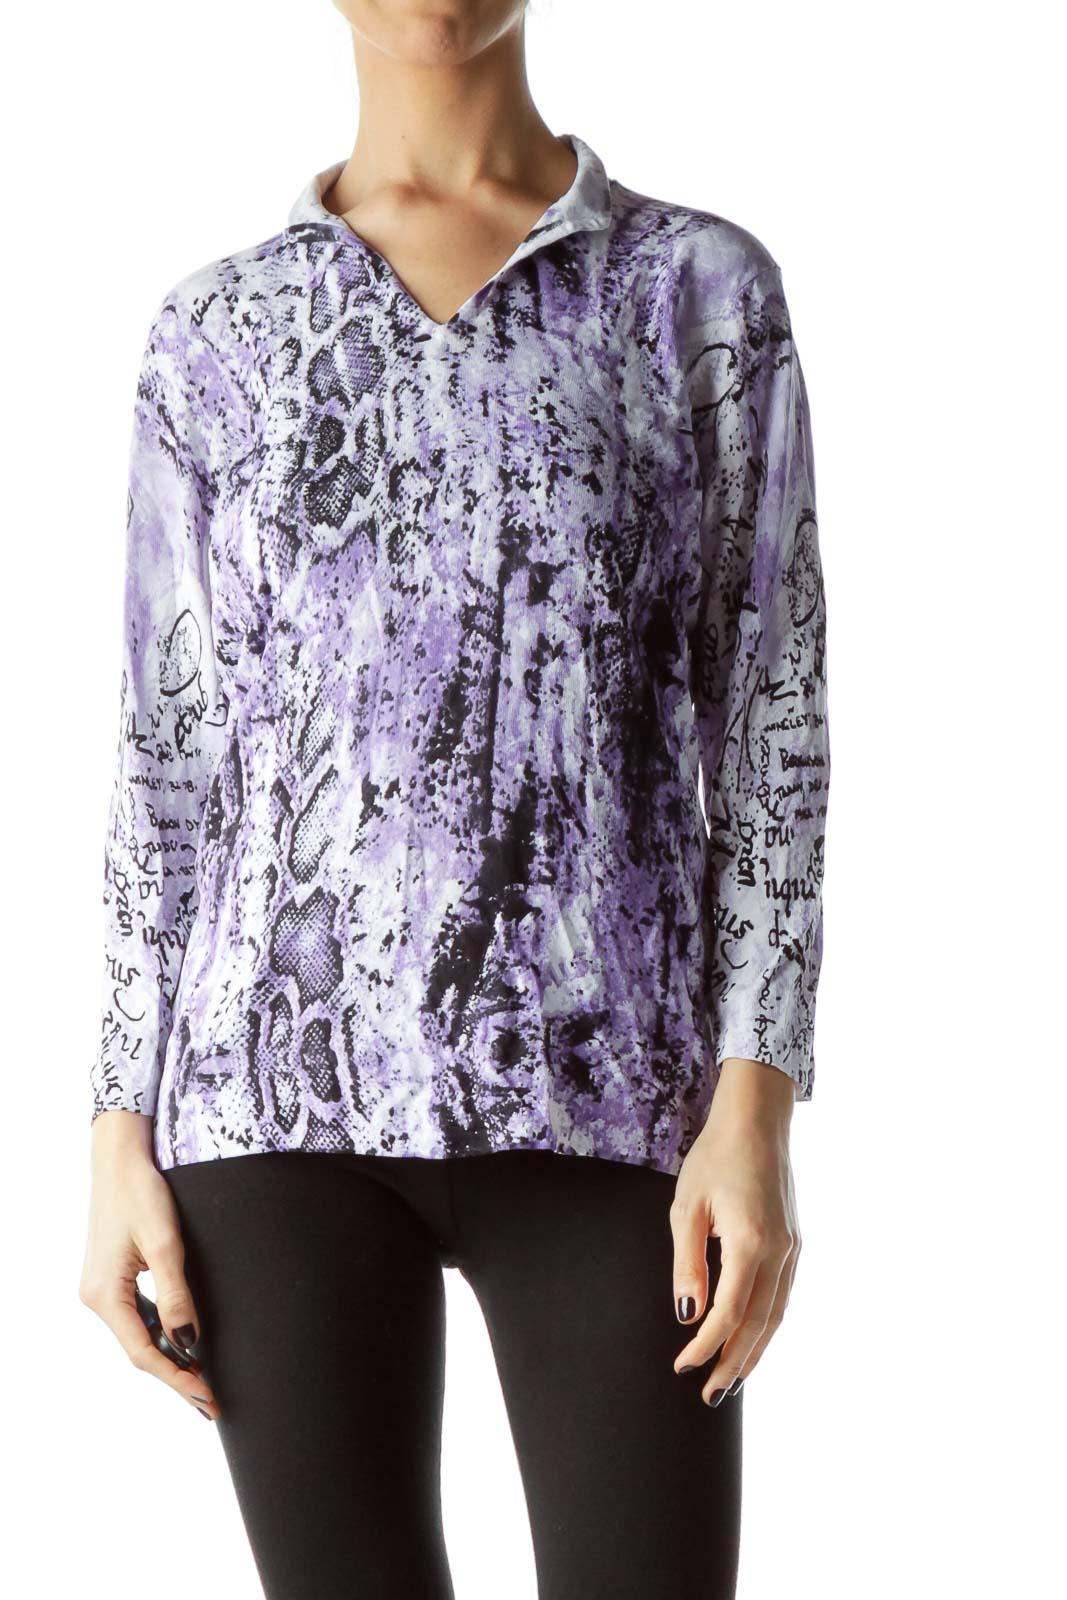 Purple Black Snakeskin Print Embellished Top Front